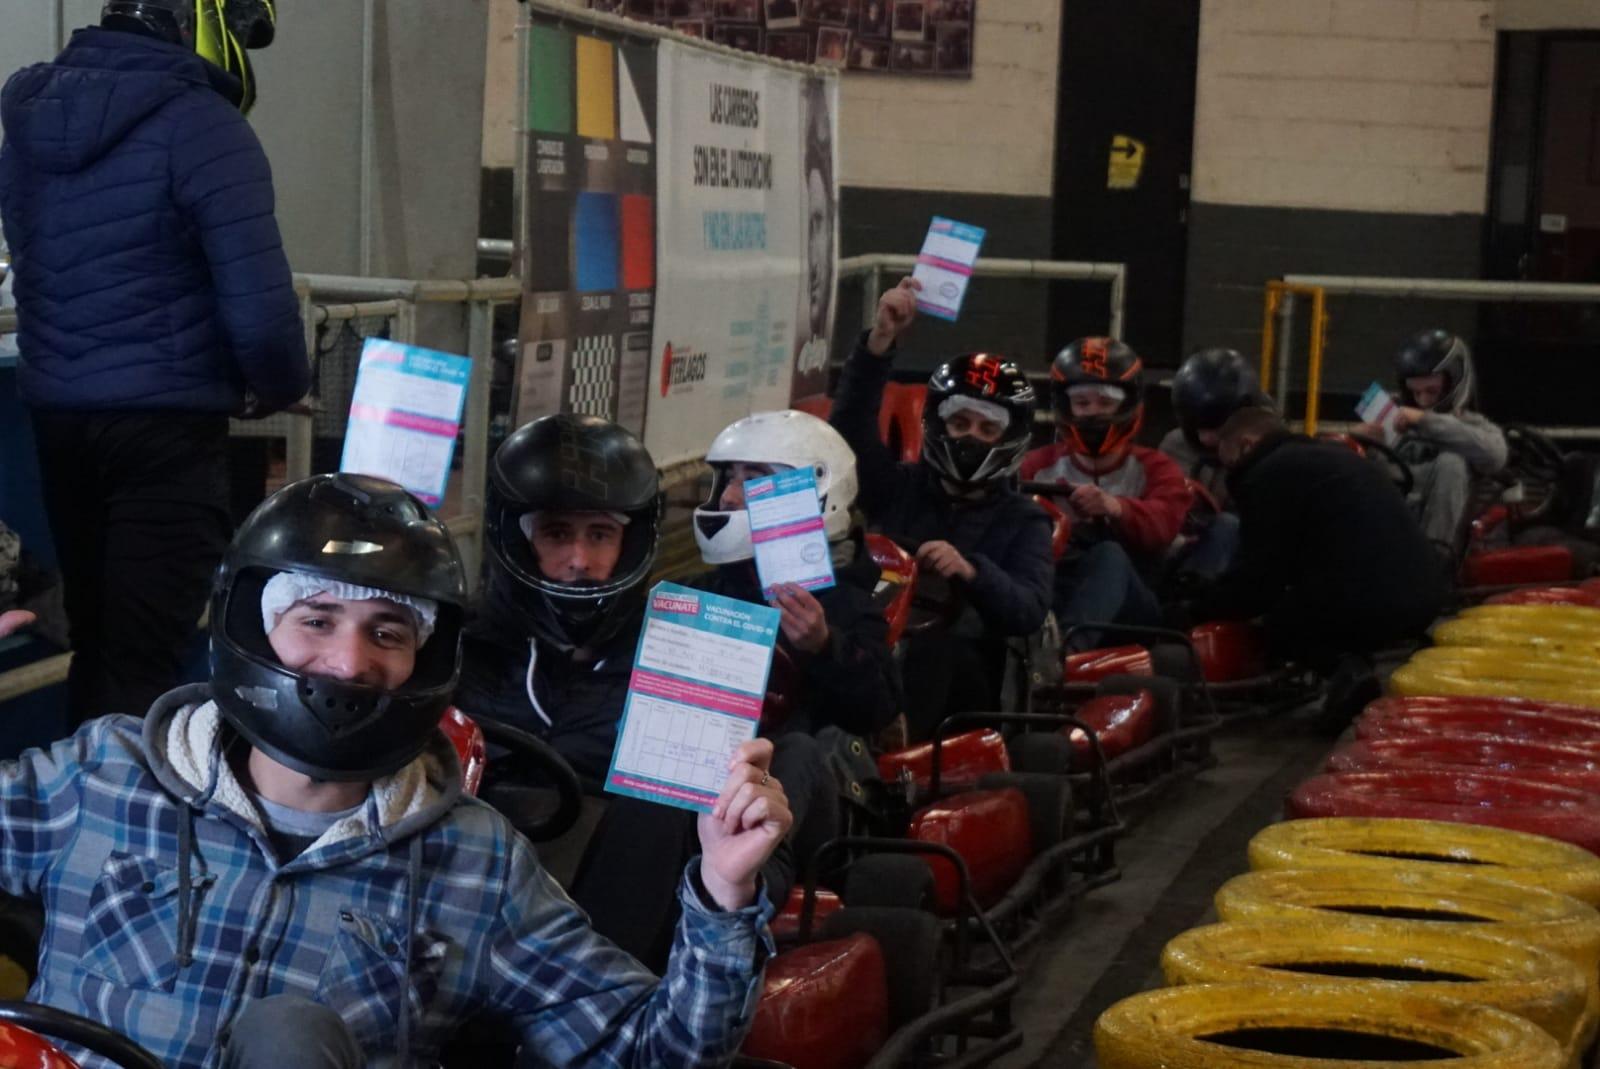 Promo vacunados: más de 300 jóvenes corrieron gratis en karting